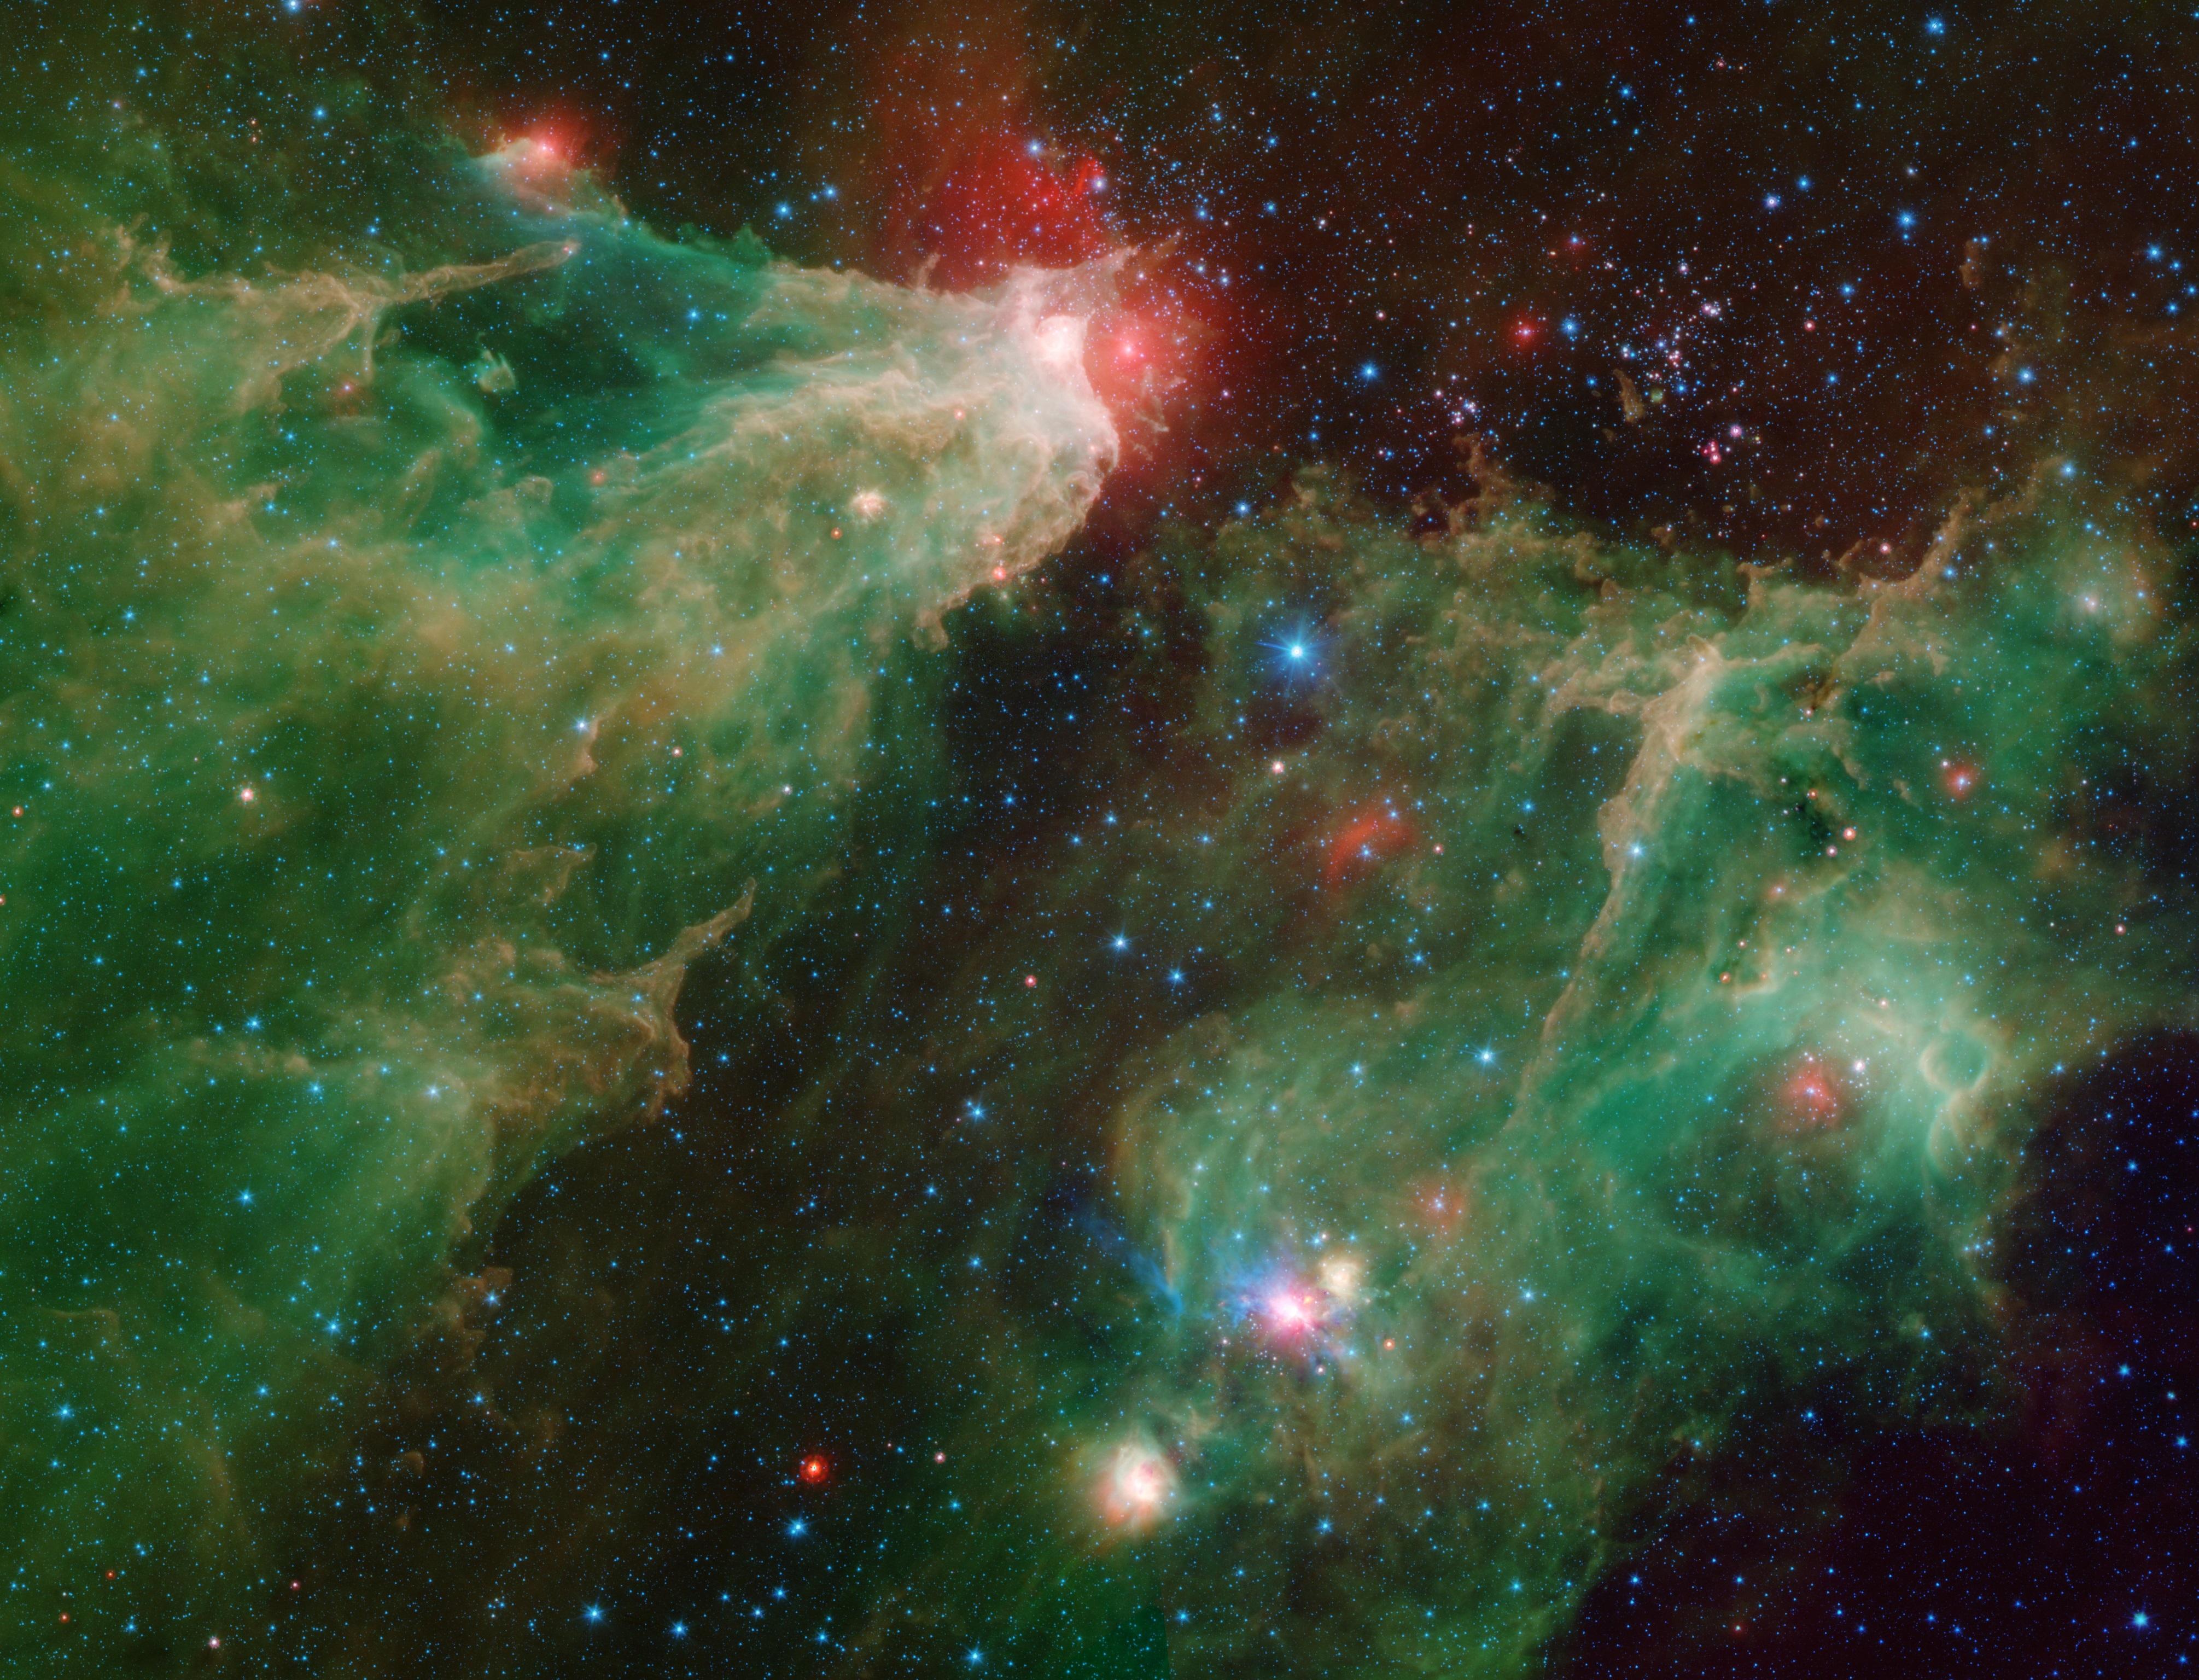 Infrared view of a stellar nursery in Cepheus